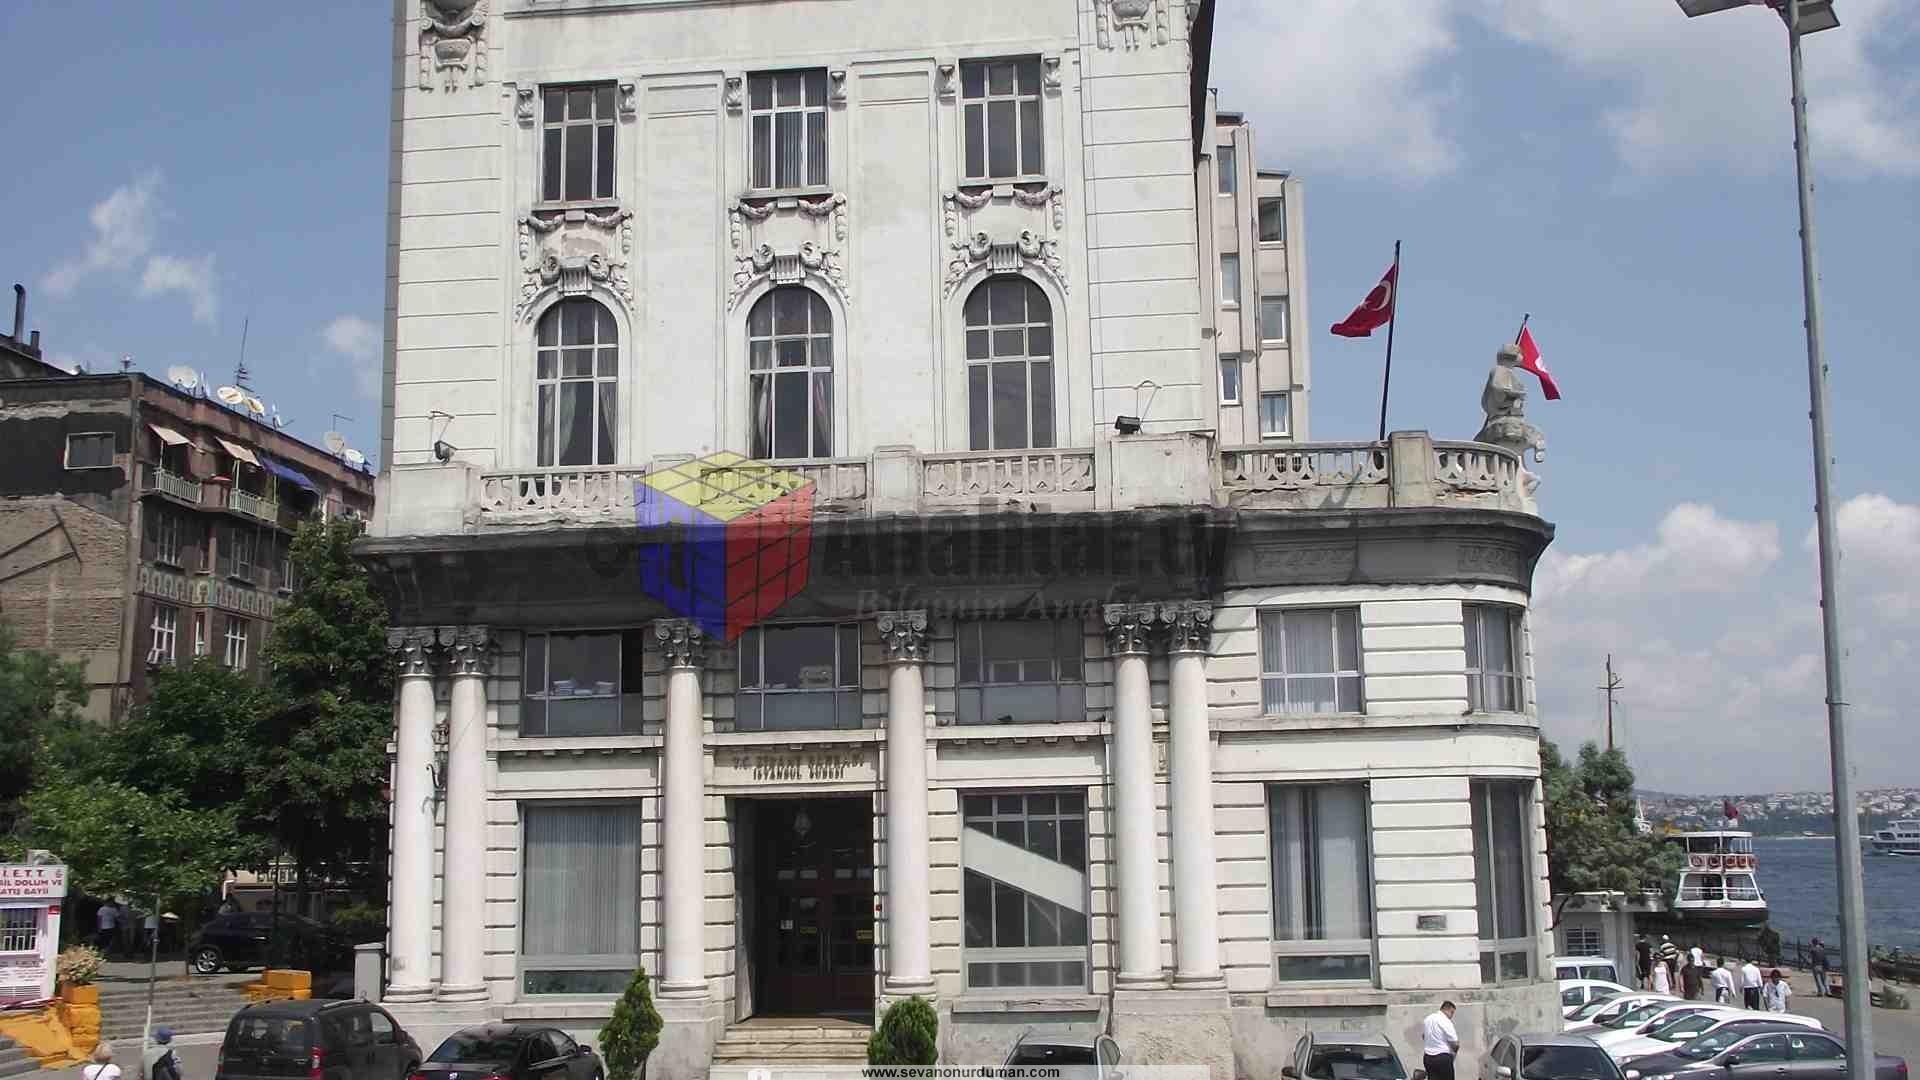 Ziraat Bankası Karaköy ŞubesiFotoğraf: Sevan Onur Duman